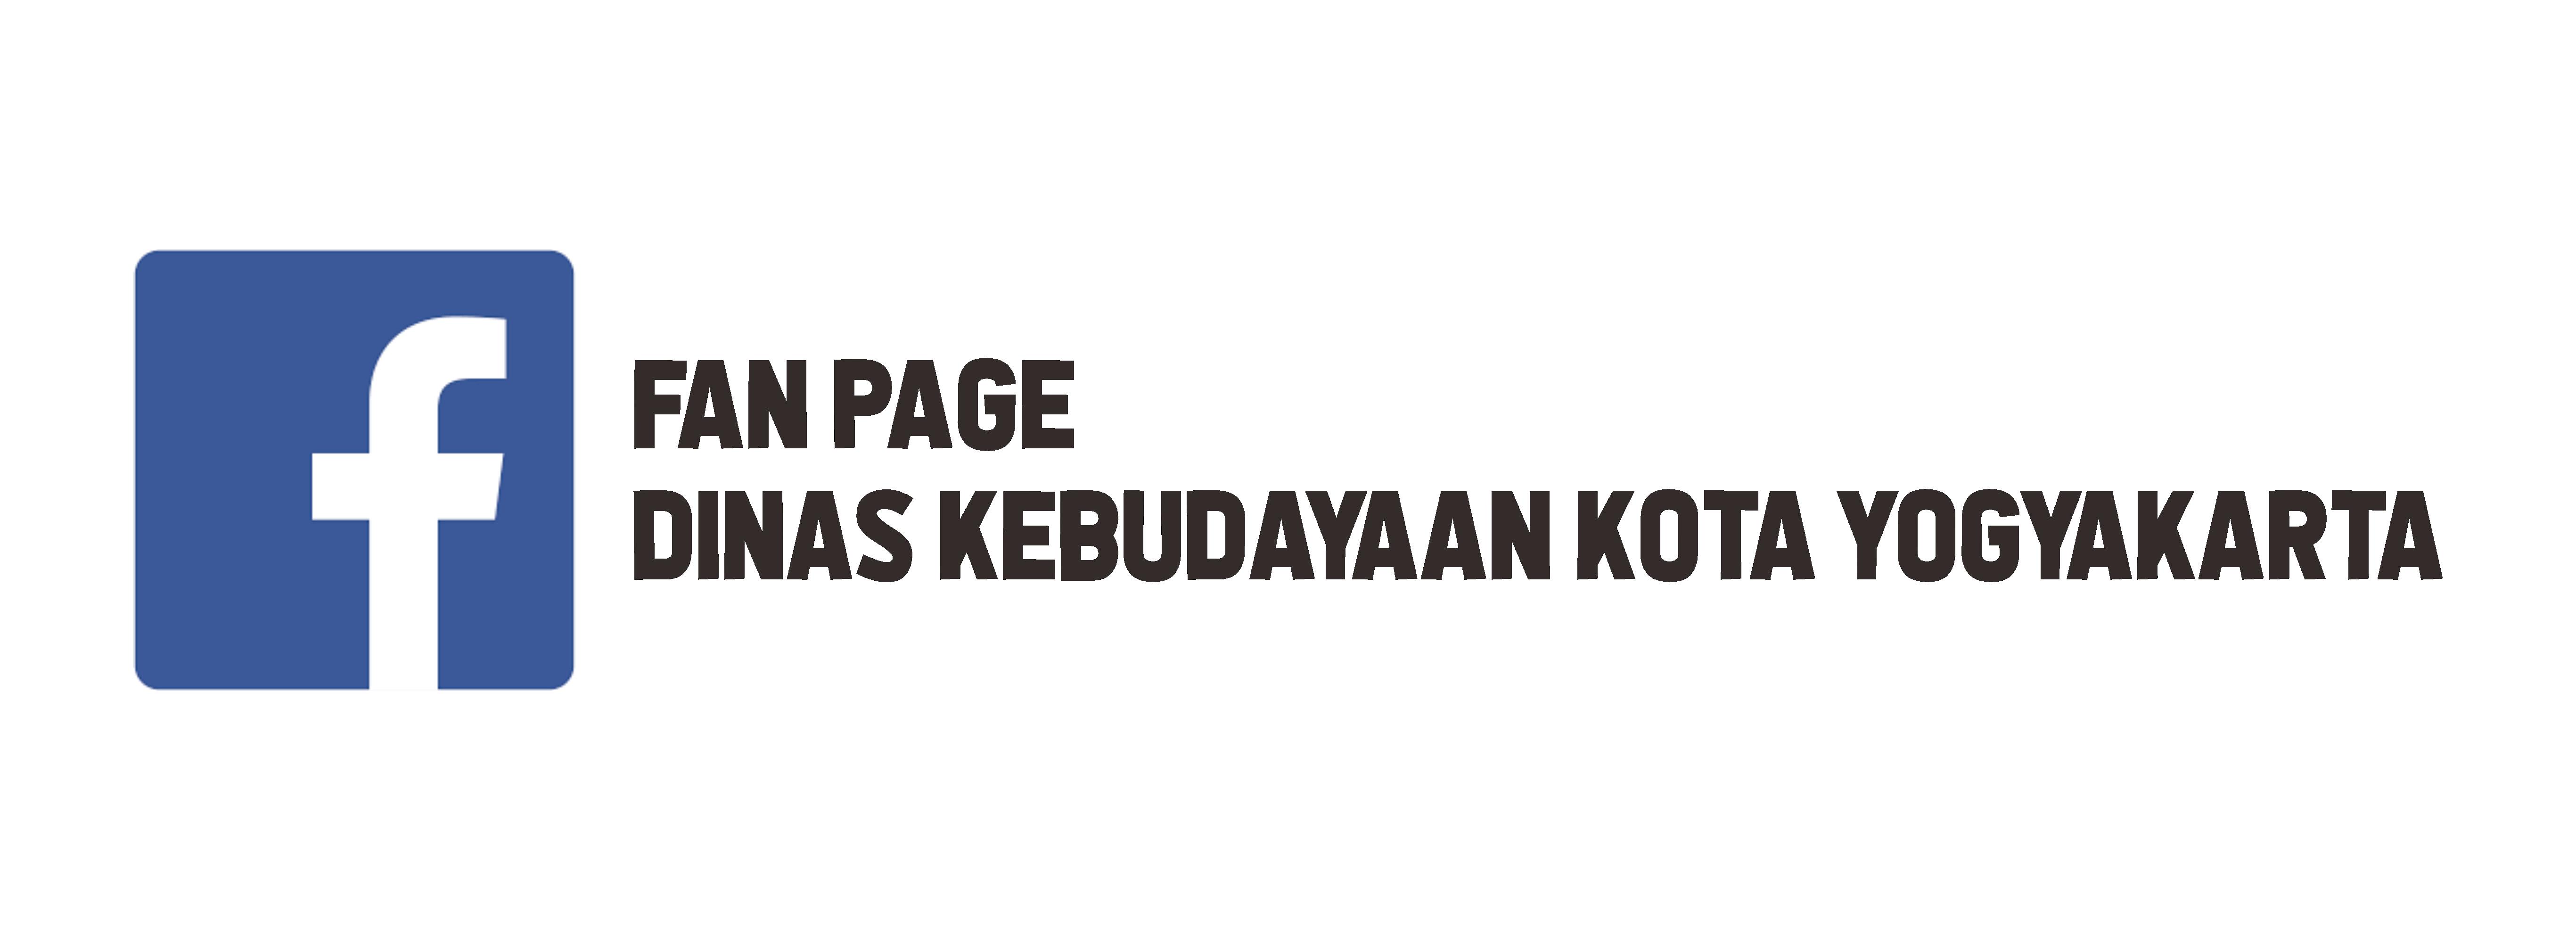 Fan Page Dinas Kebudayaan Kota Yogyakarta